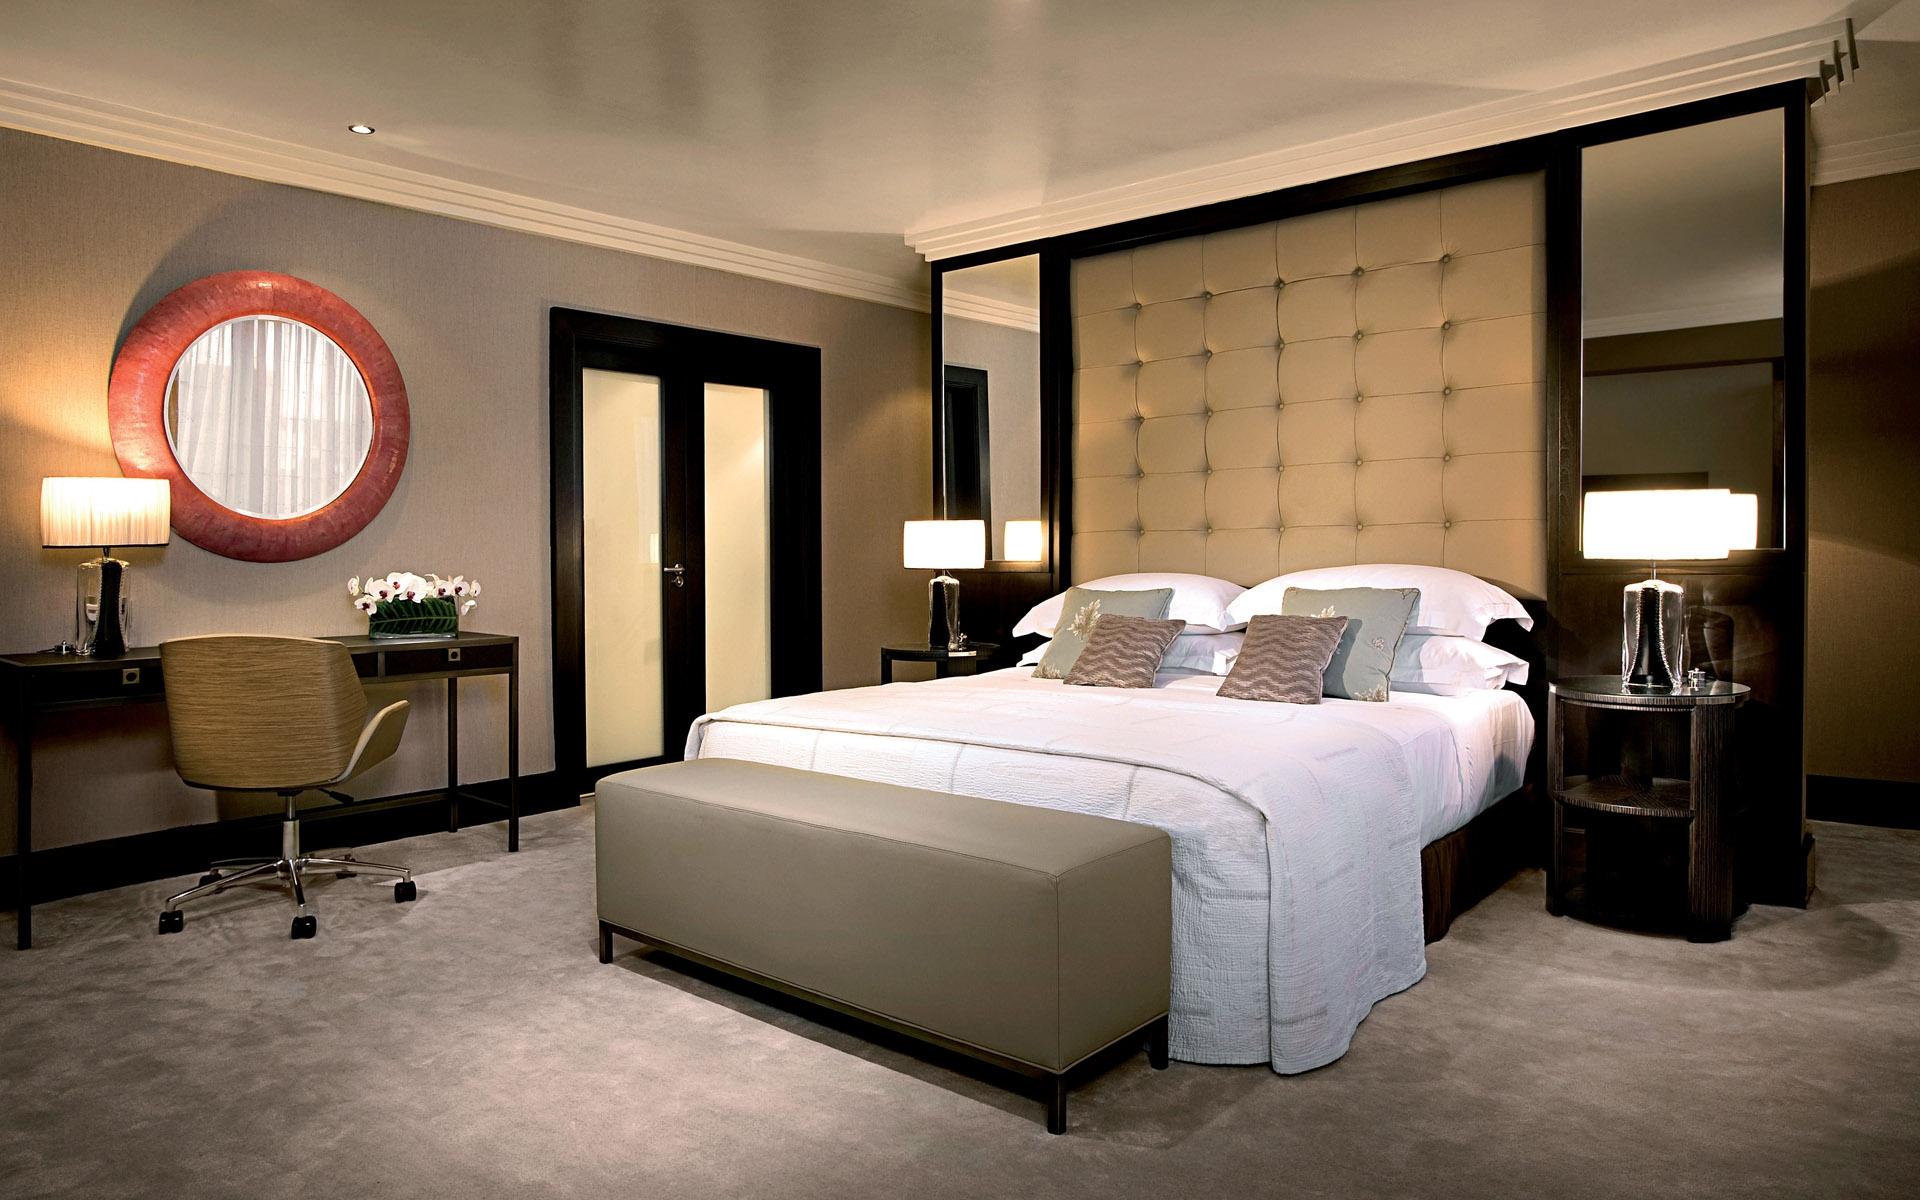 Fondos de pantalla : habitación, interior, cama, silla, espejo ...